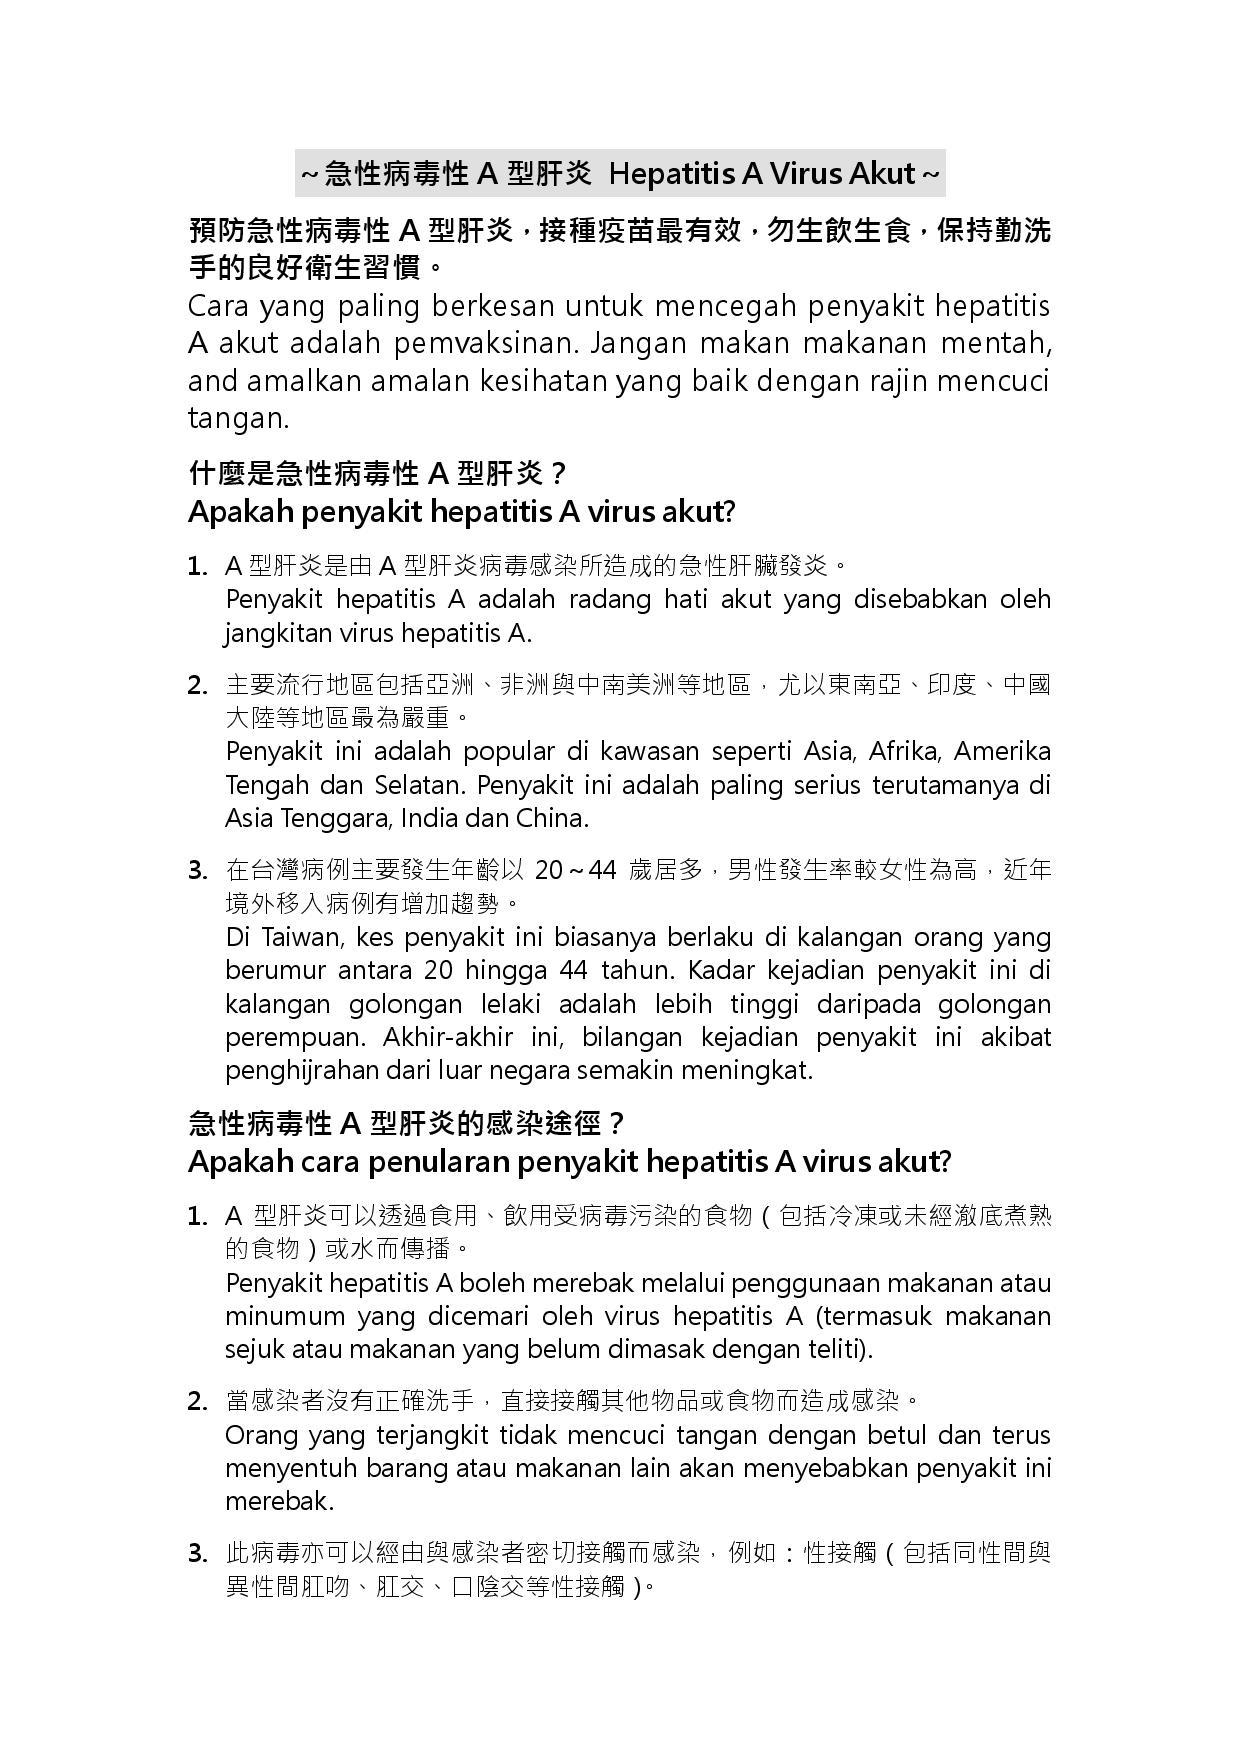 詳如附件【klik saya】mencegah penyakit hepatitis A akut(Halaman 1)預防急性病毒性A型肝炎,接種疫苗最有效(馬來文)